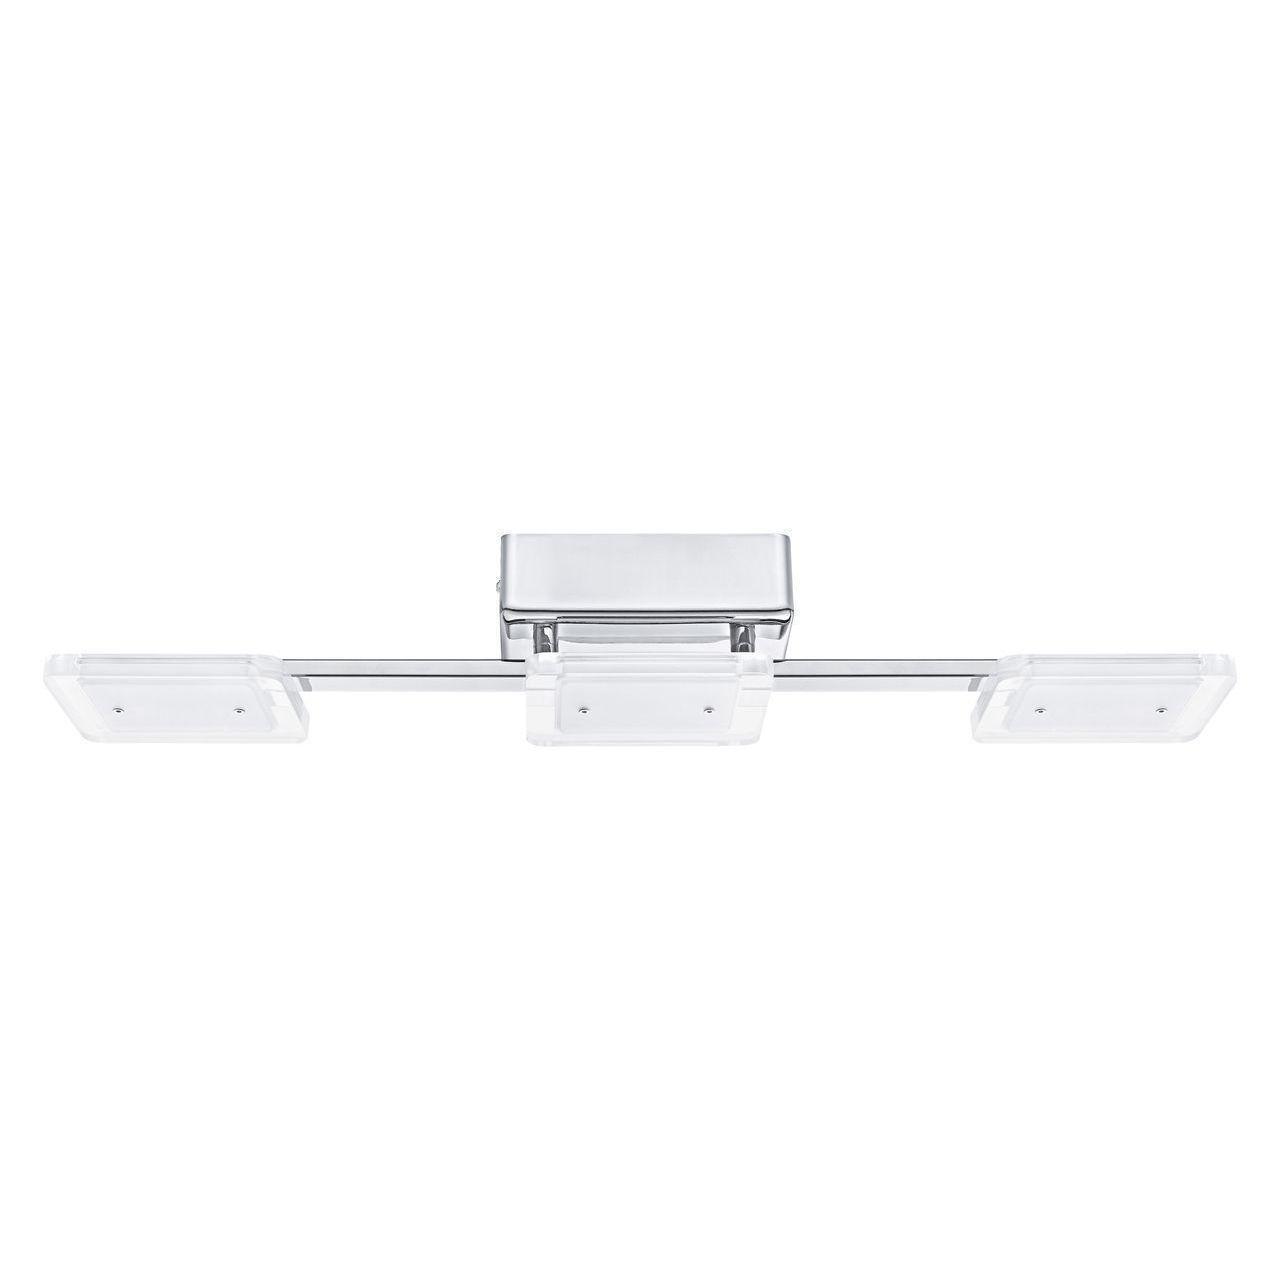 Потолочный светильник Eglo Cartama 94155 все цены